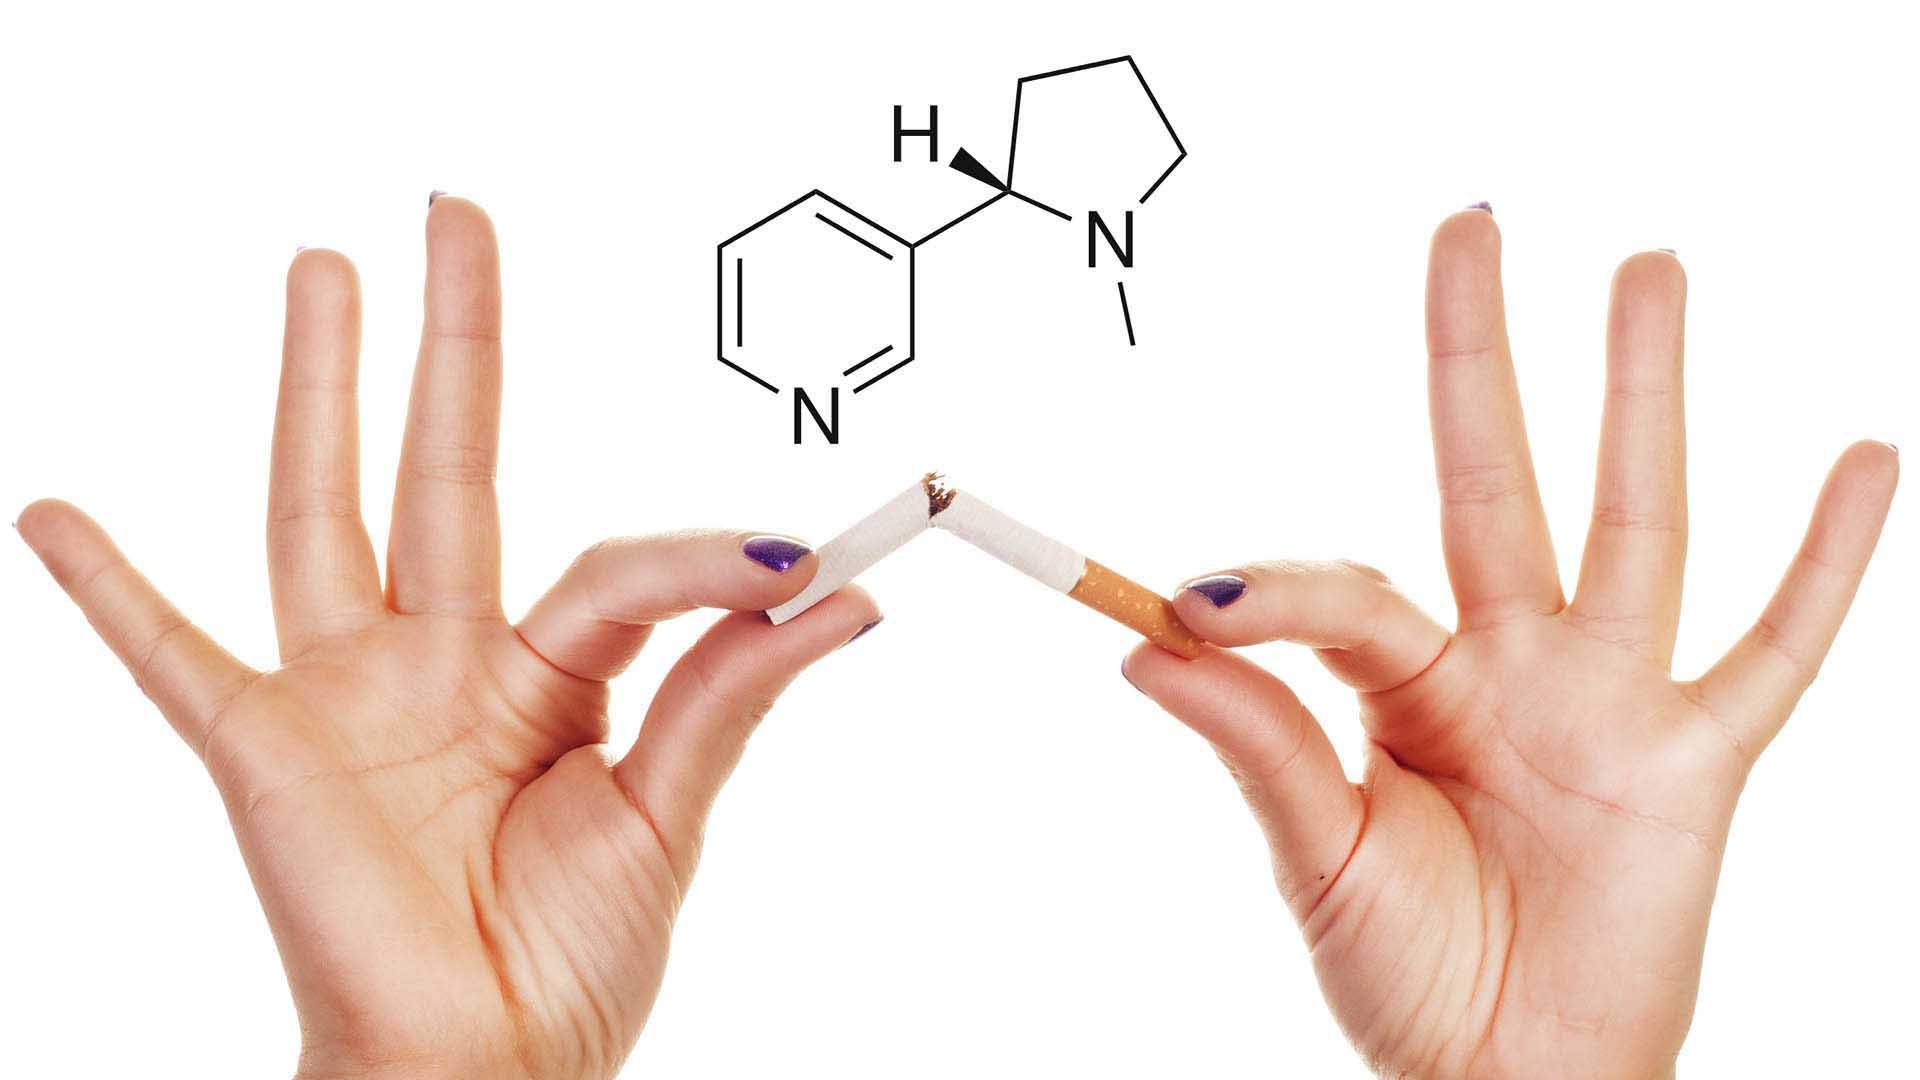 Smetti di fumare: ecco i benefici (già dopo 3 giorni)